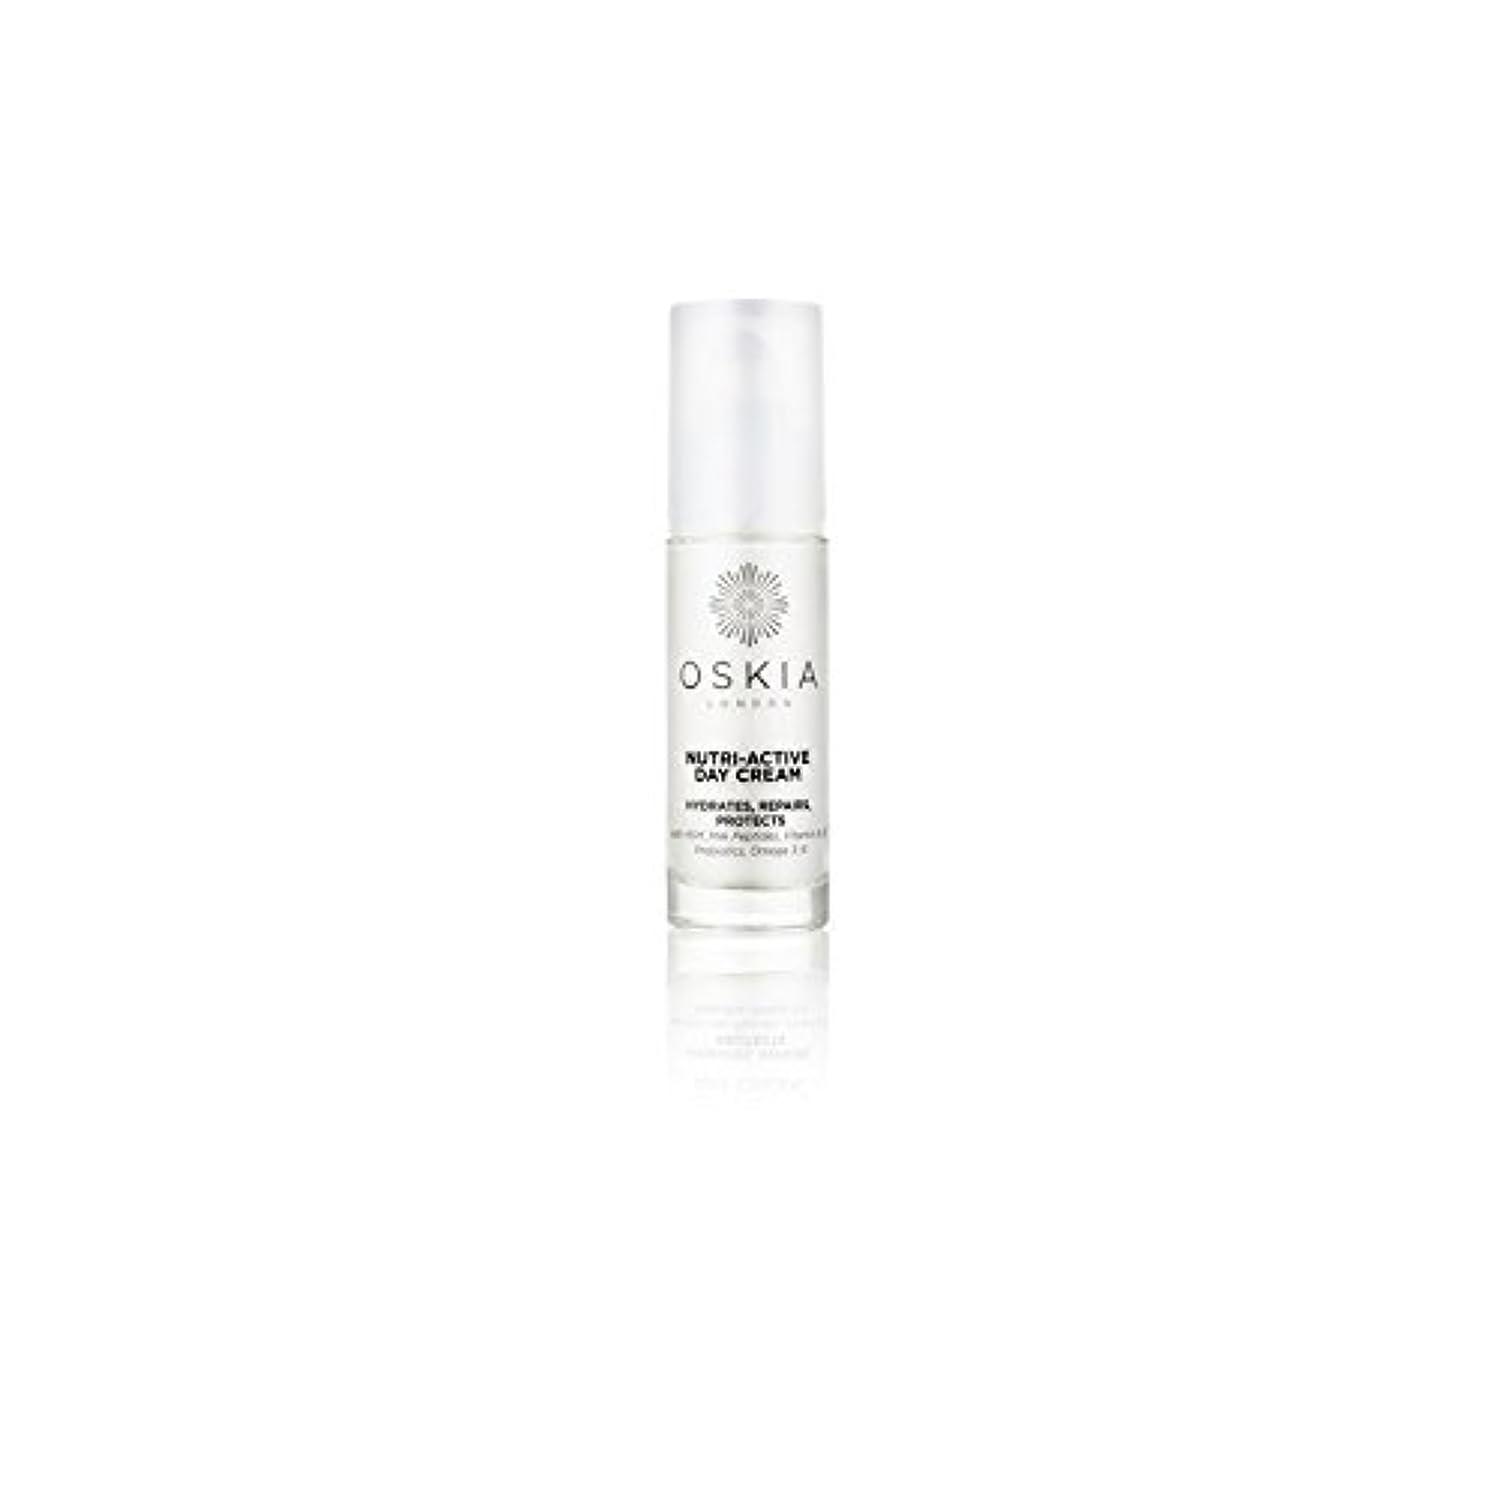 アメリカボリューム委員会Oskia Nutri-Active Day Cream (40ml) - のニュートリアクティブデイクリーム(40ミリリットル) [並行輸入品]